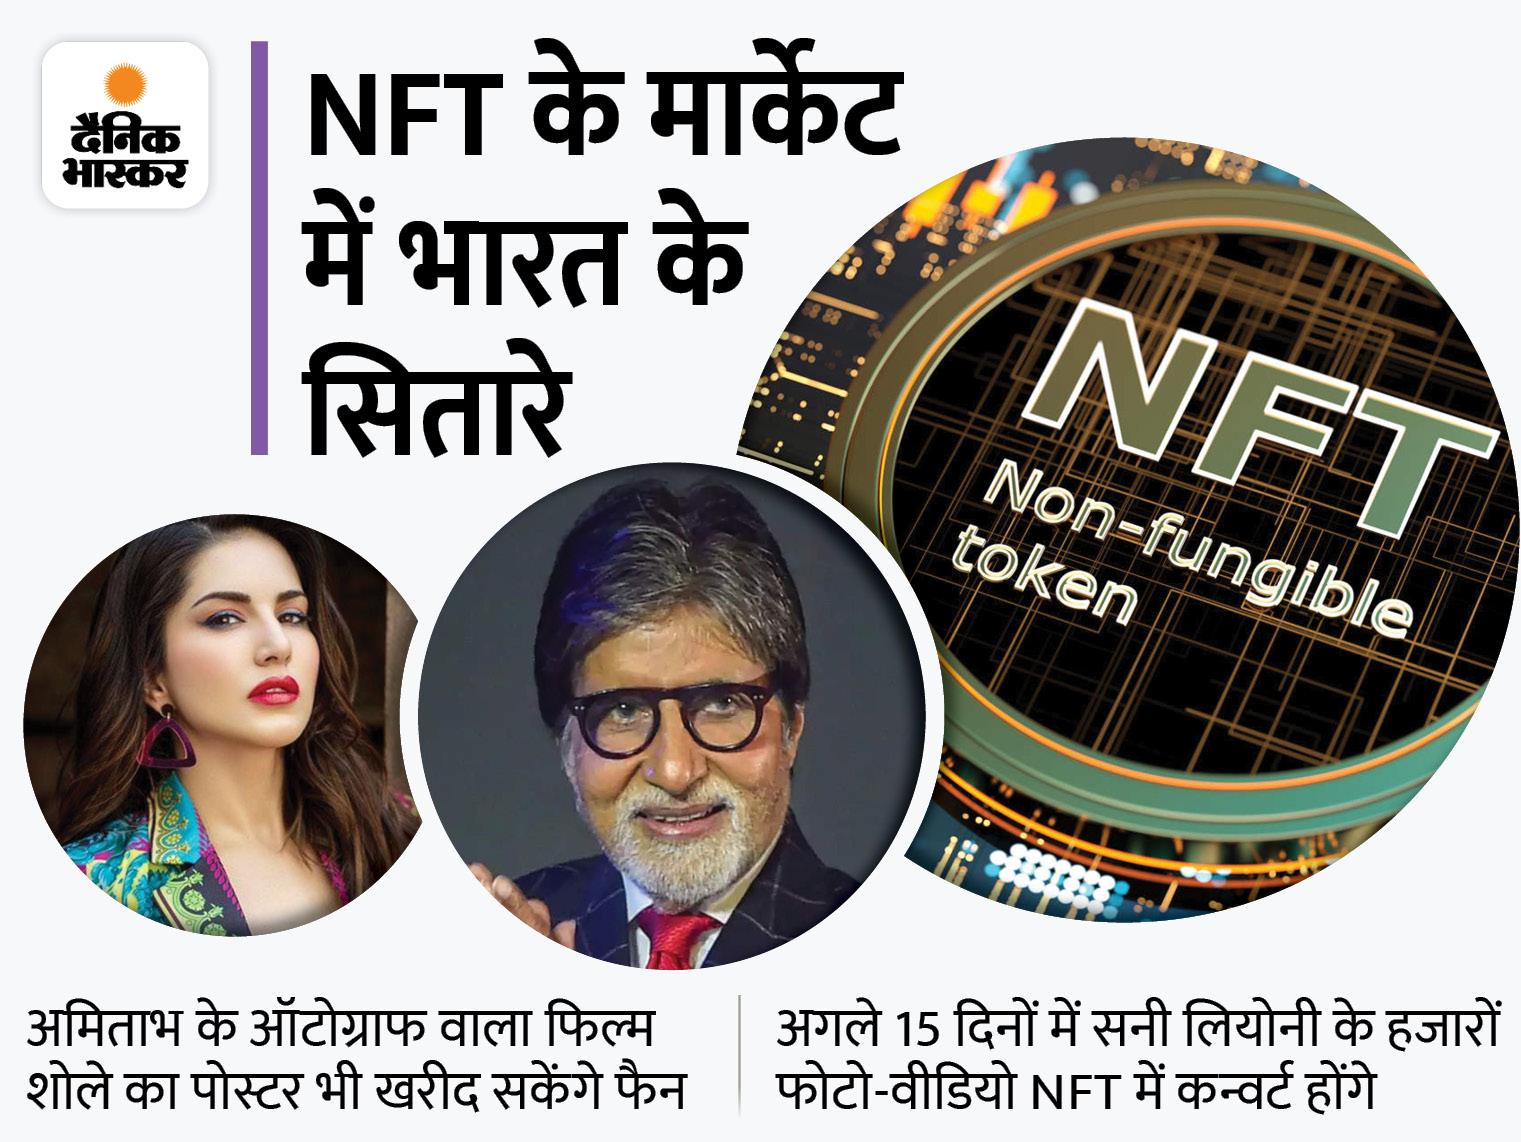 NFT मार्केट में अमिताभ-सनी लियोनी भी, बिग बी अपनी आवाज में पिता की कविता मधुशाला बेचेंगे, सनी अपने फोटो-वीडियो|बॉलीवुड,Bollywood - Dainik Bhaskar